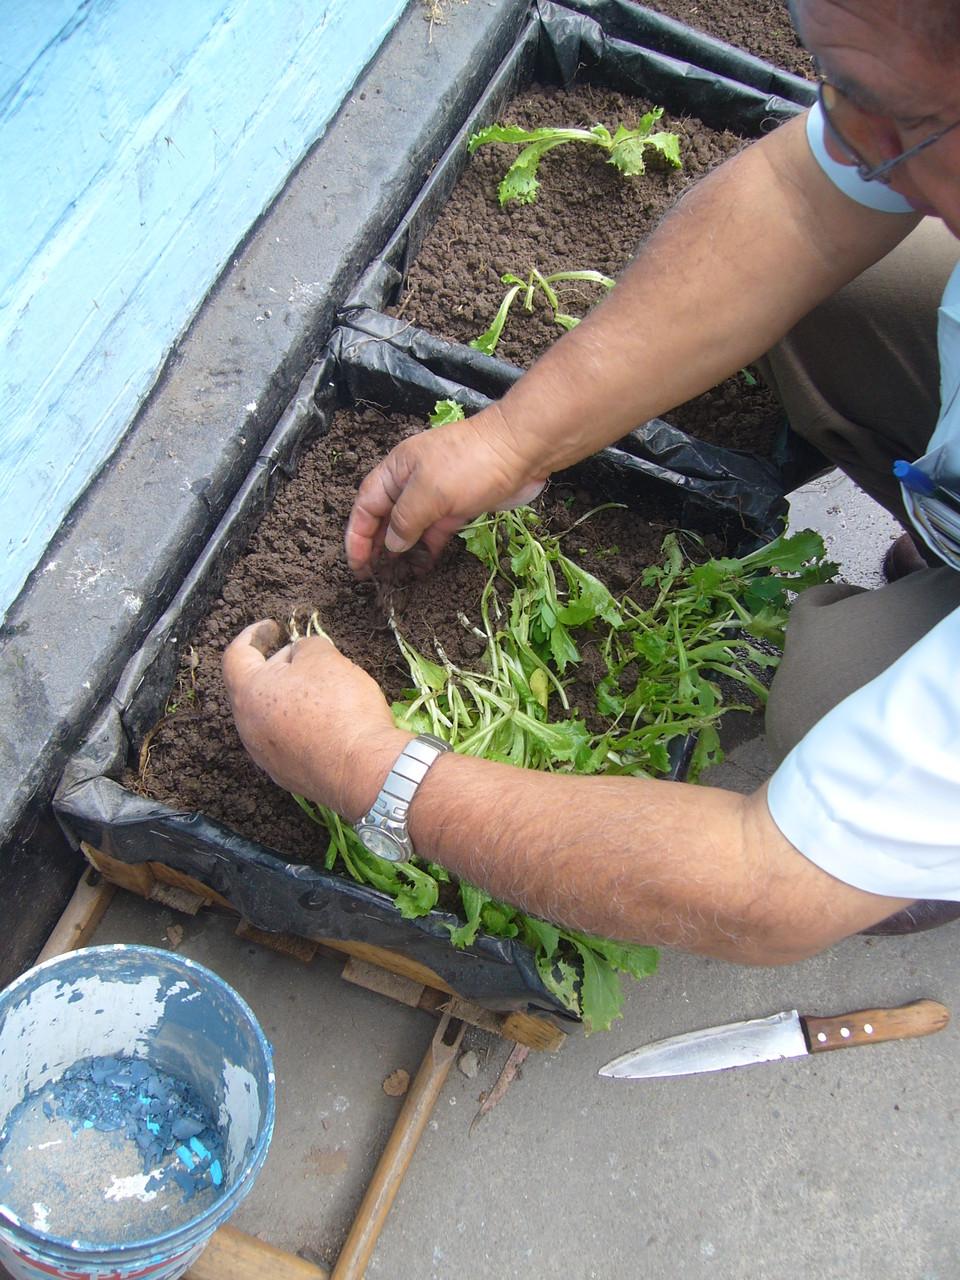 Escogiendo las plantas de lechuga para el trasplante